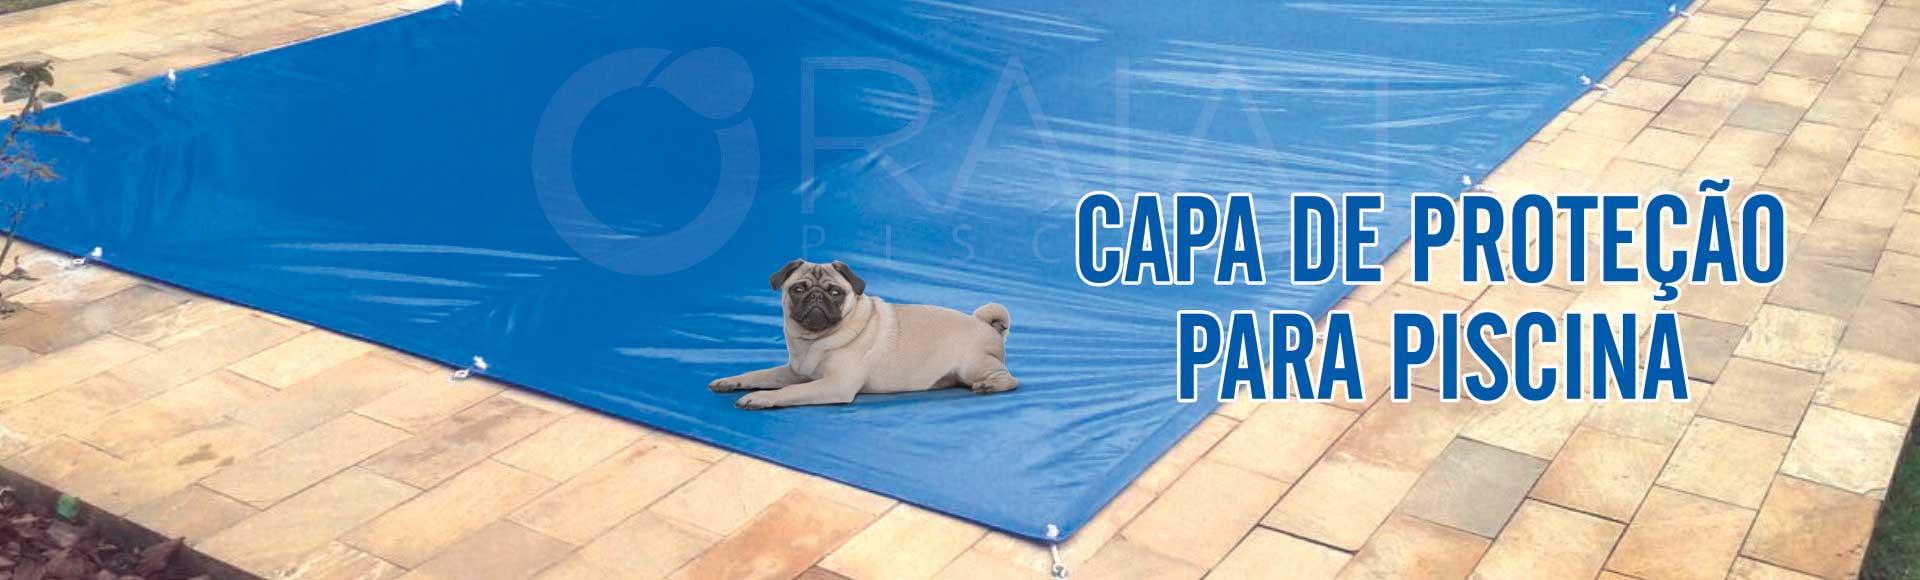 capa-proteção-para-piscina-bh-1